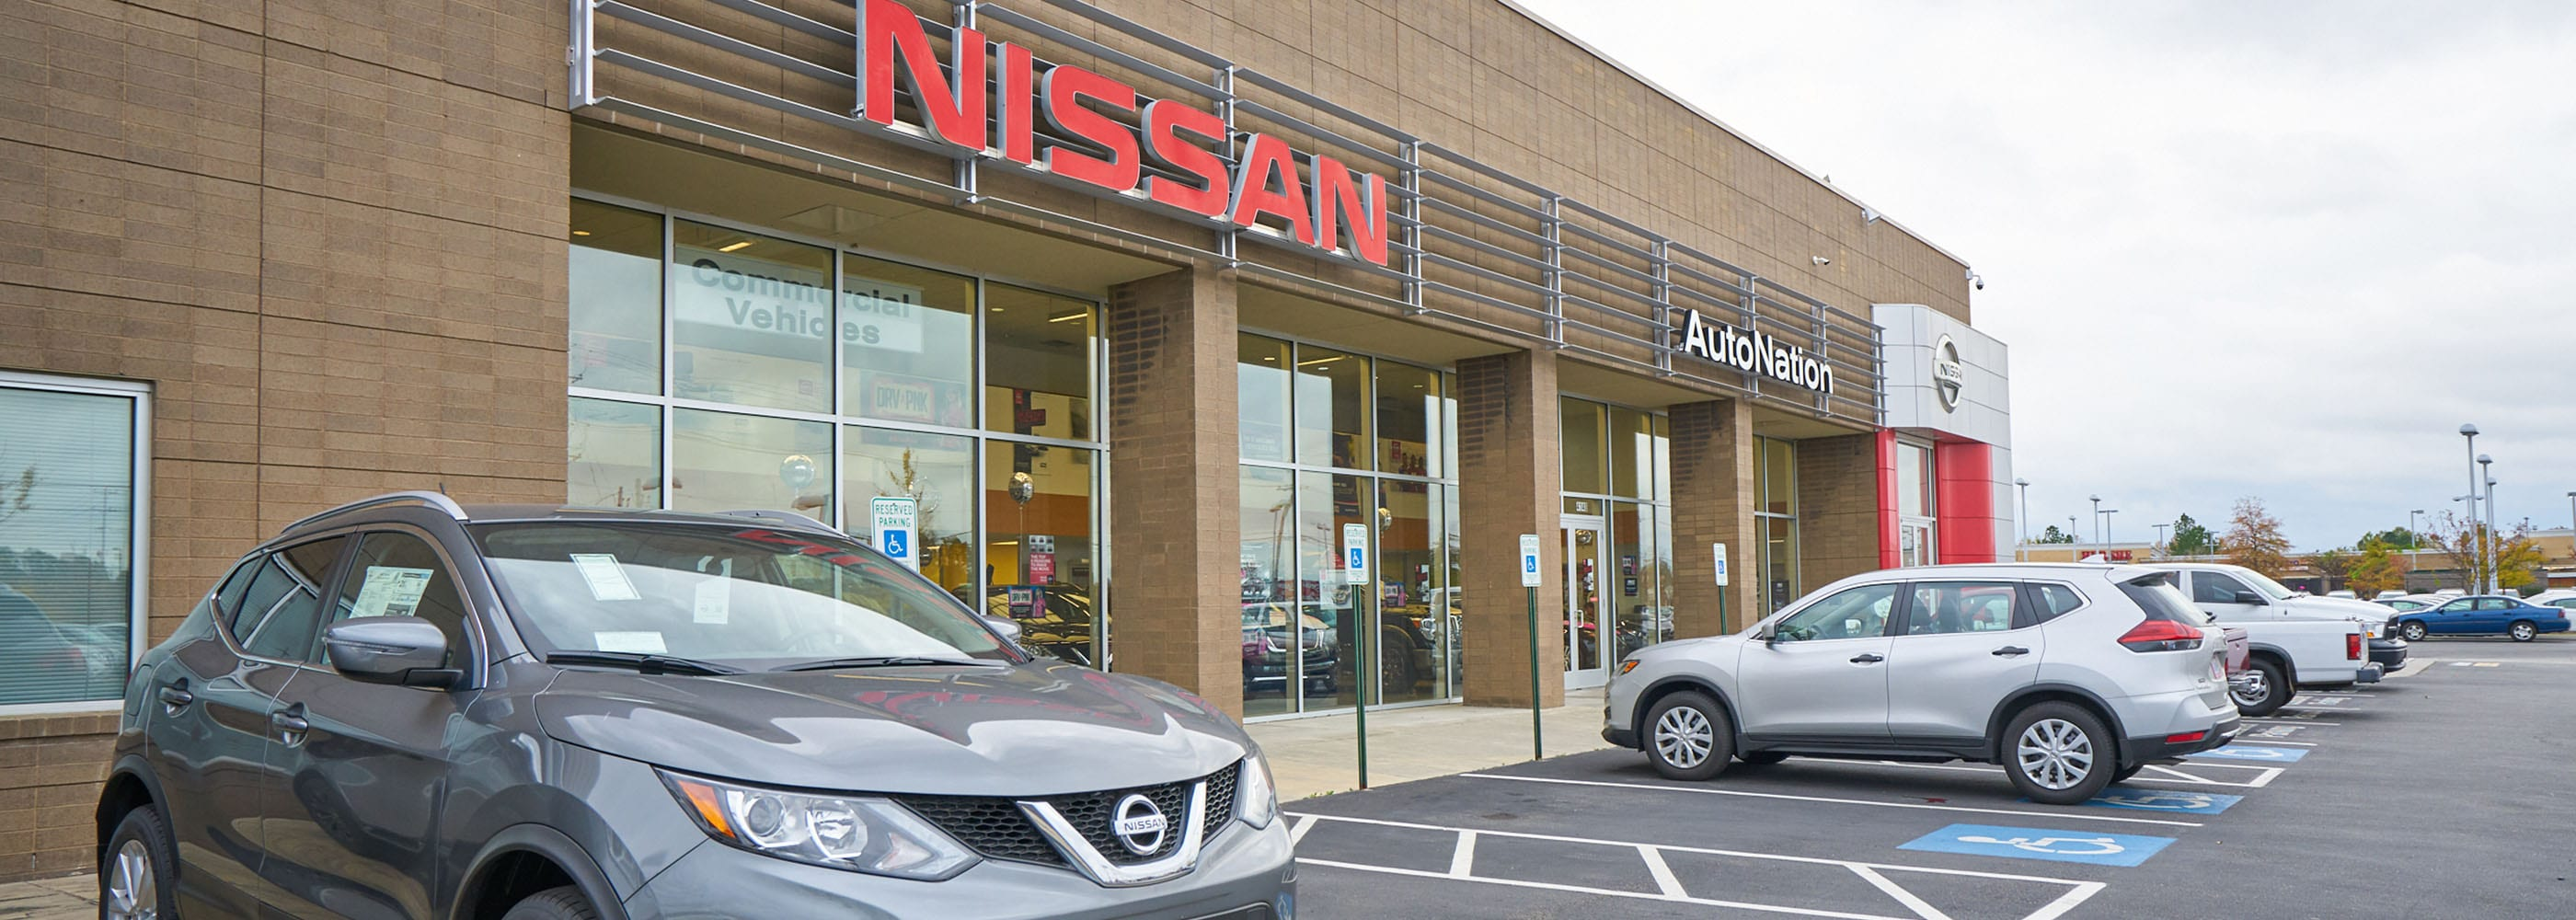 Auto Nation Memphis Tn >> Hours Directions Autonation Nissan Memphis Memphis